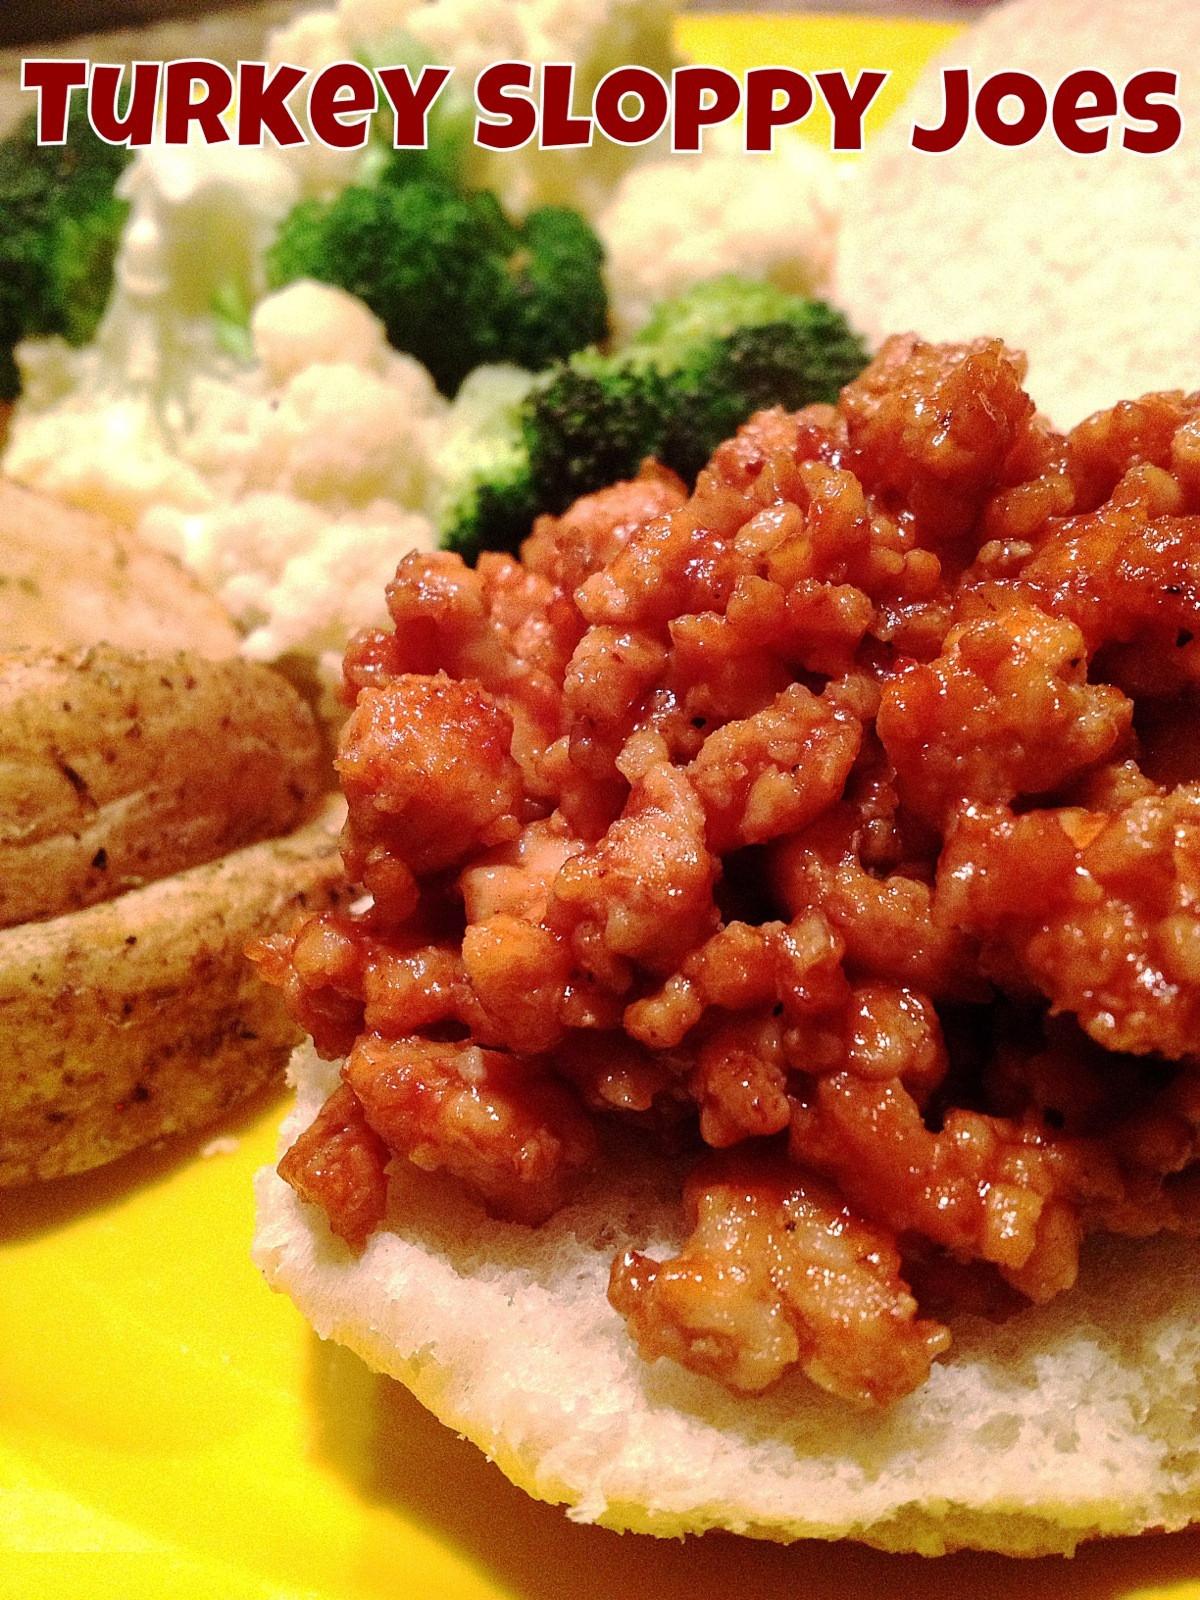 Turkey Sloppy Joes Healthy  Sloppy Joes II Recipe — Dishmaps